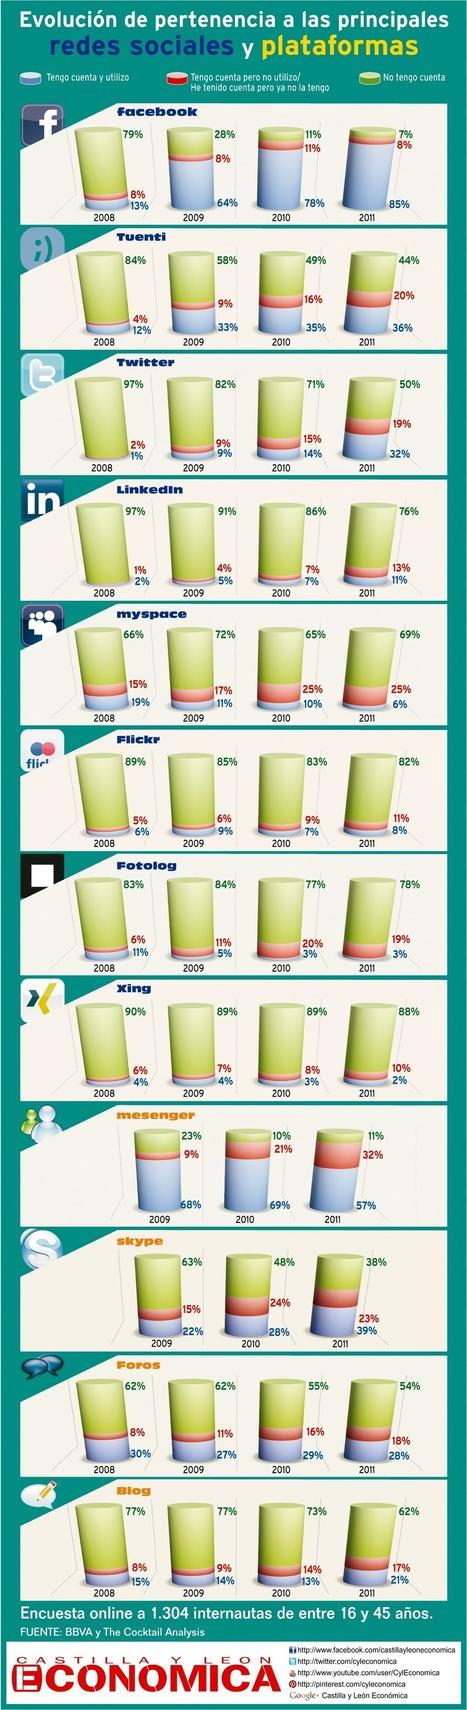 Evolución de la pertenencia a las principales redes sociales #infografia #infographic#socialmedia | Educación a Distancia y TIC | Scoop.it